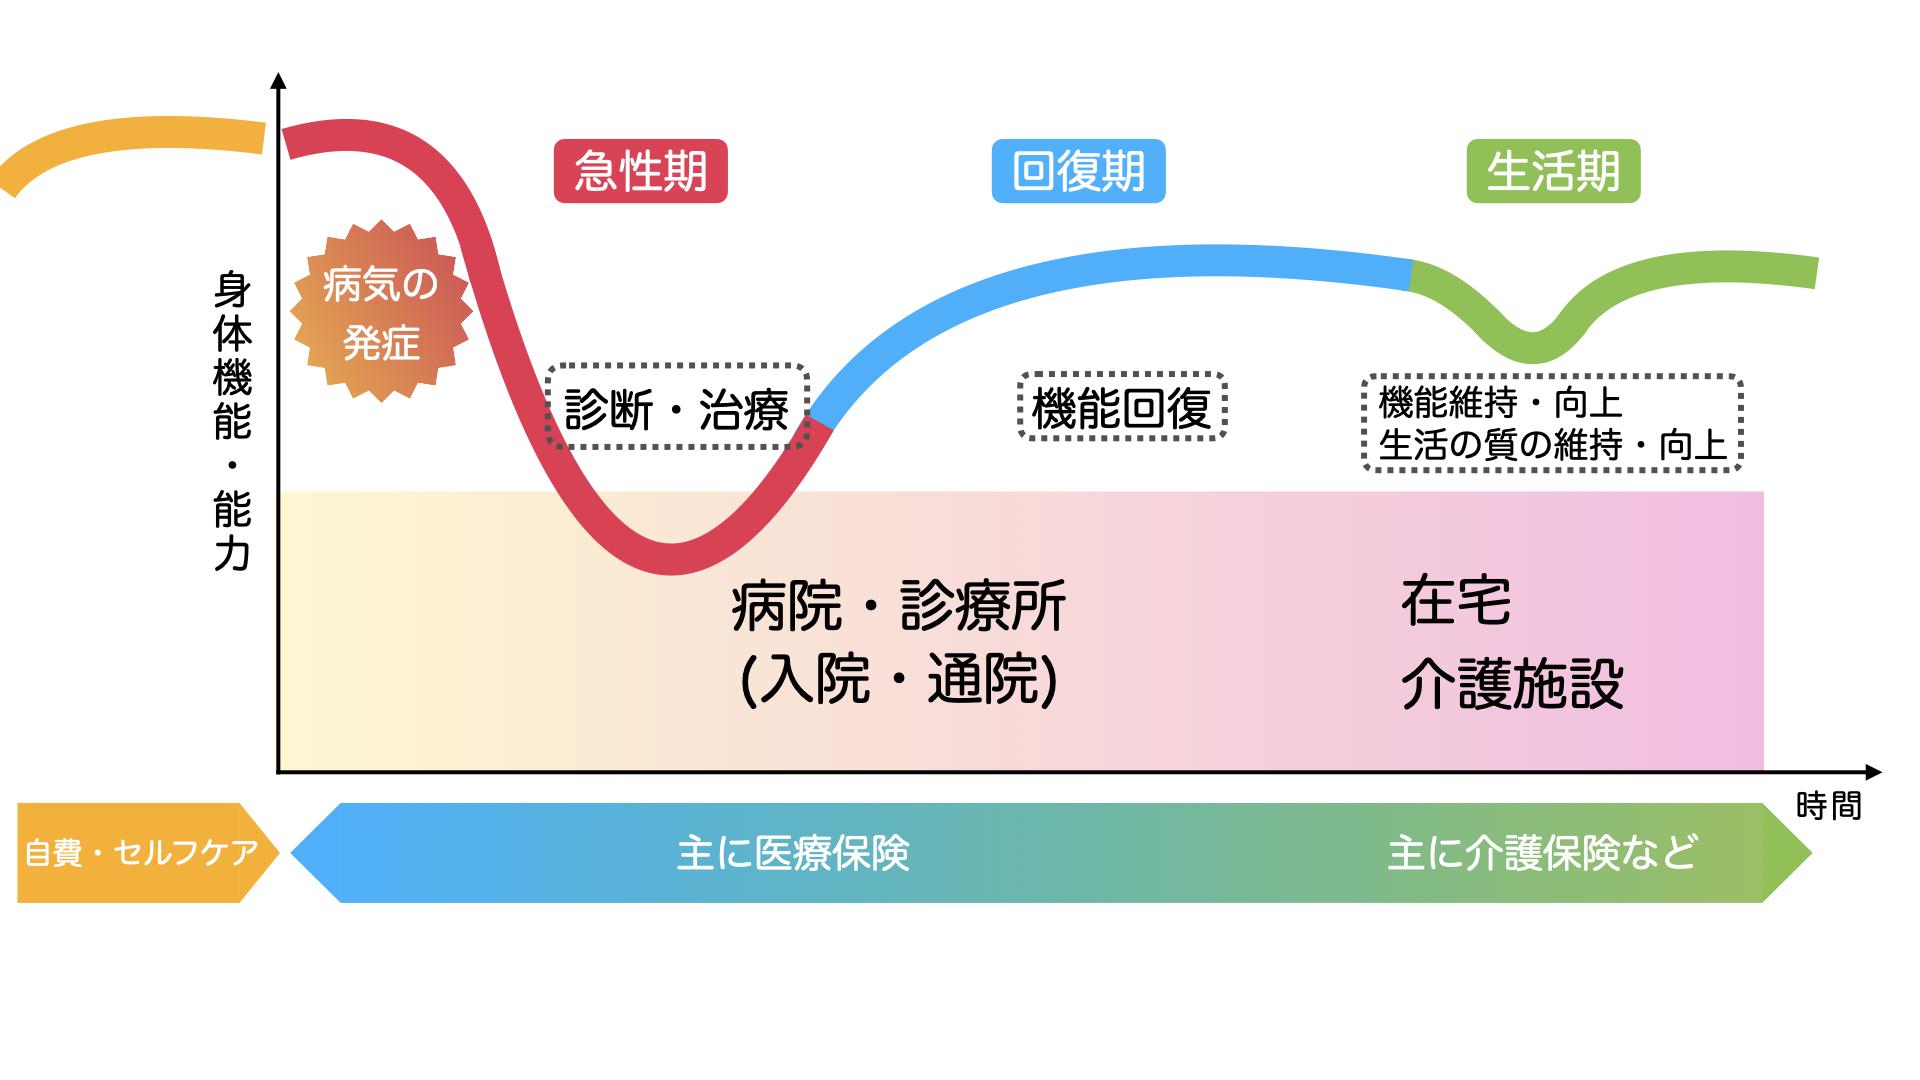 [譁ー逕ー邏榊刀蛻・繧ィ繝偵z繧ッ繧吶ヮ讒禄nitta_graph.001